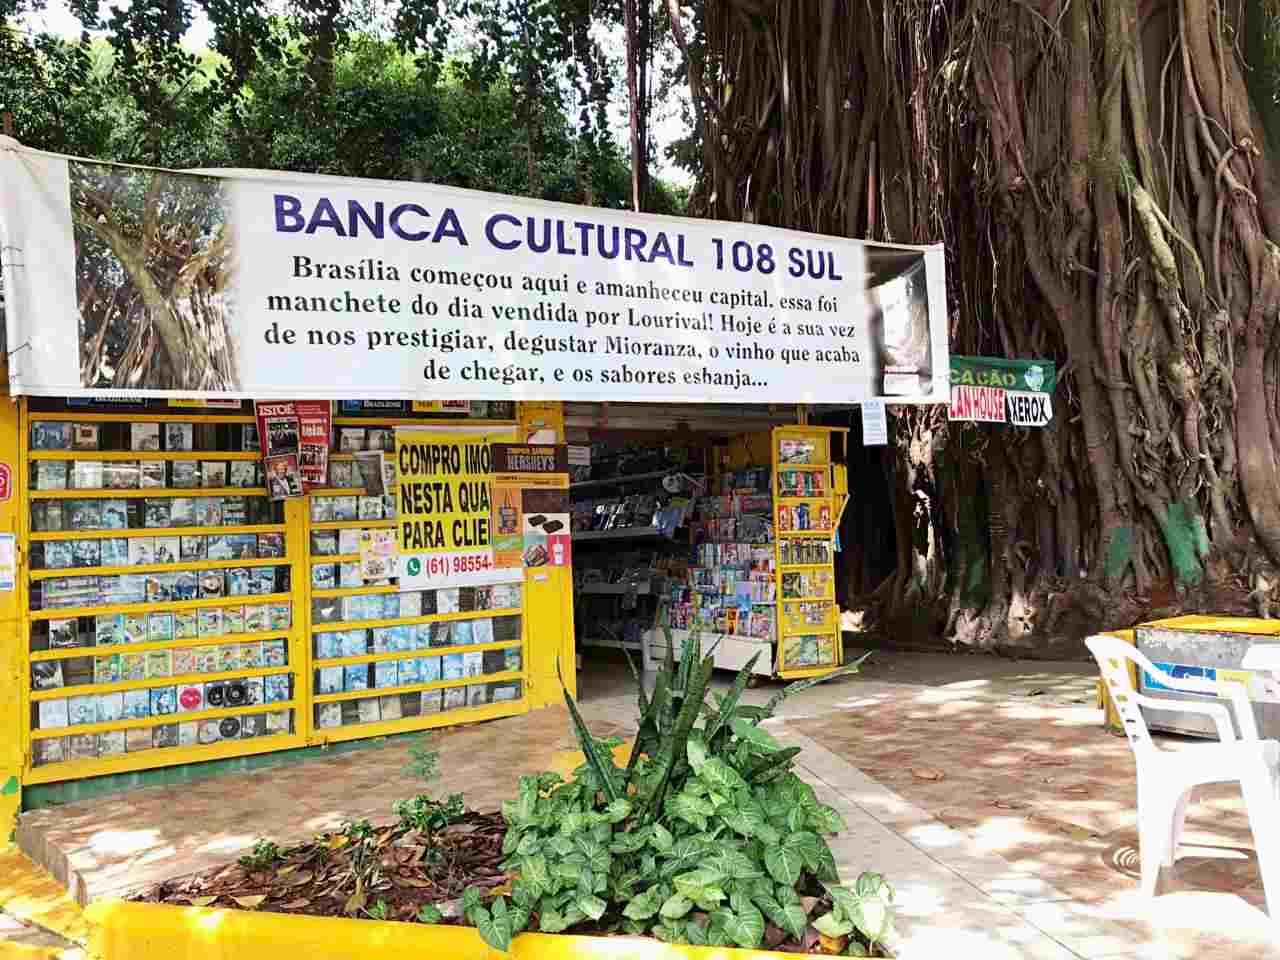 Primiera Banca de Revista de Brasília - 108 Sul